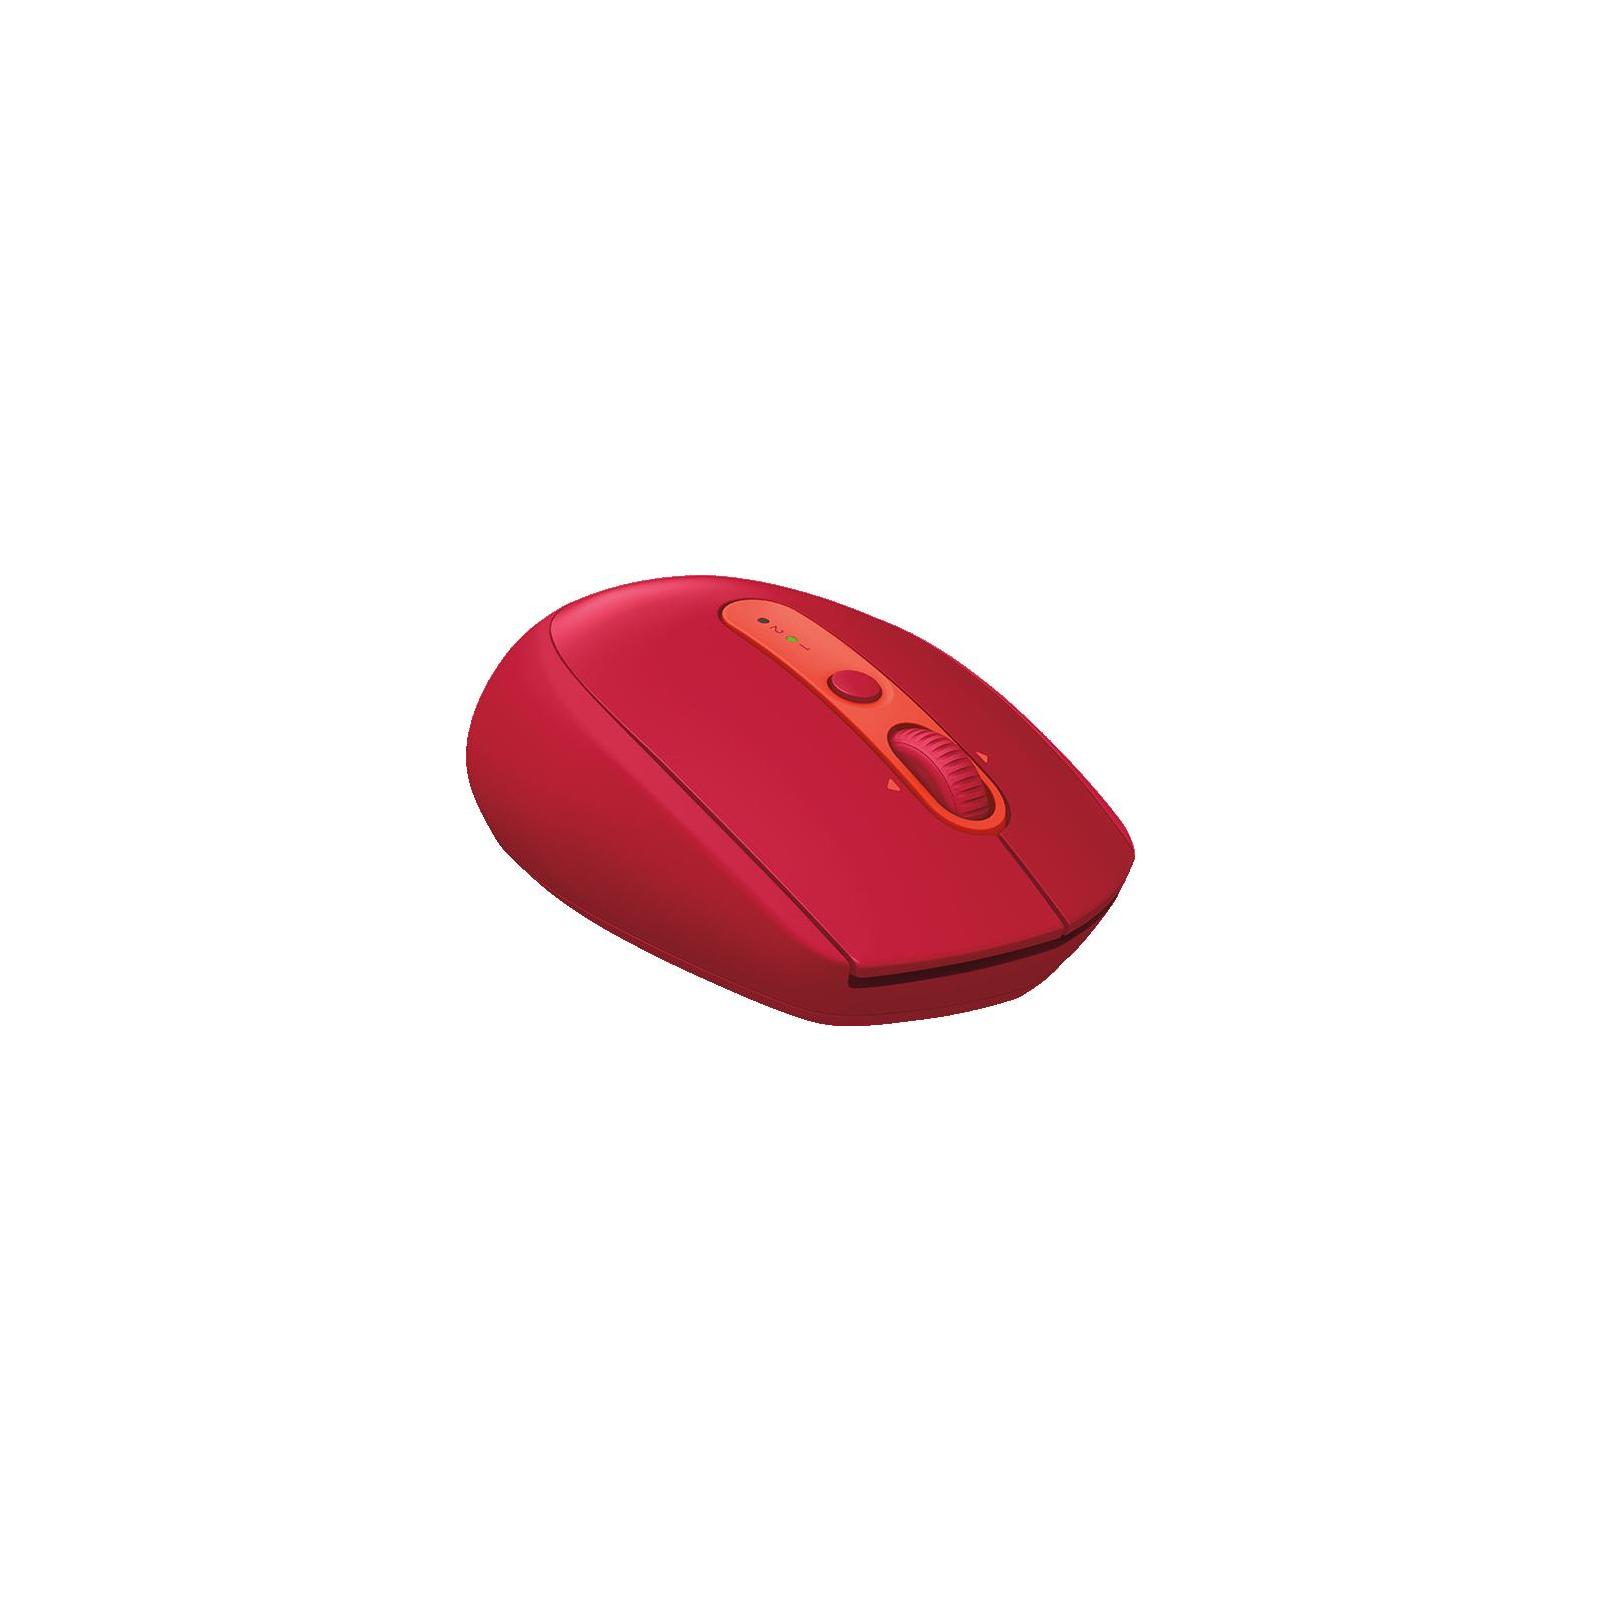 Мышка Logitech M590 Silent Ruby (910-005199)